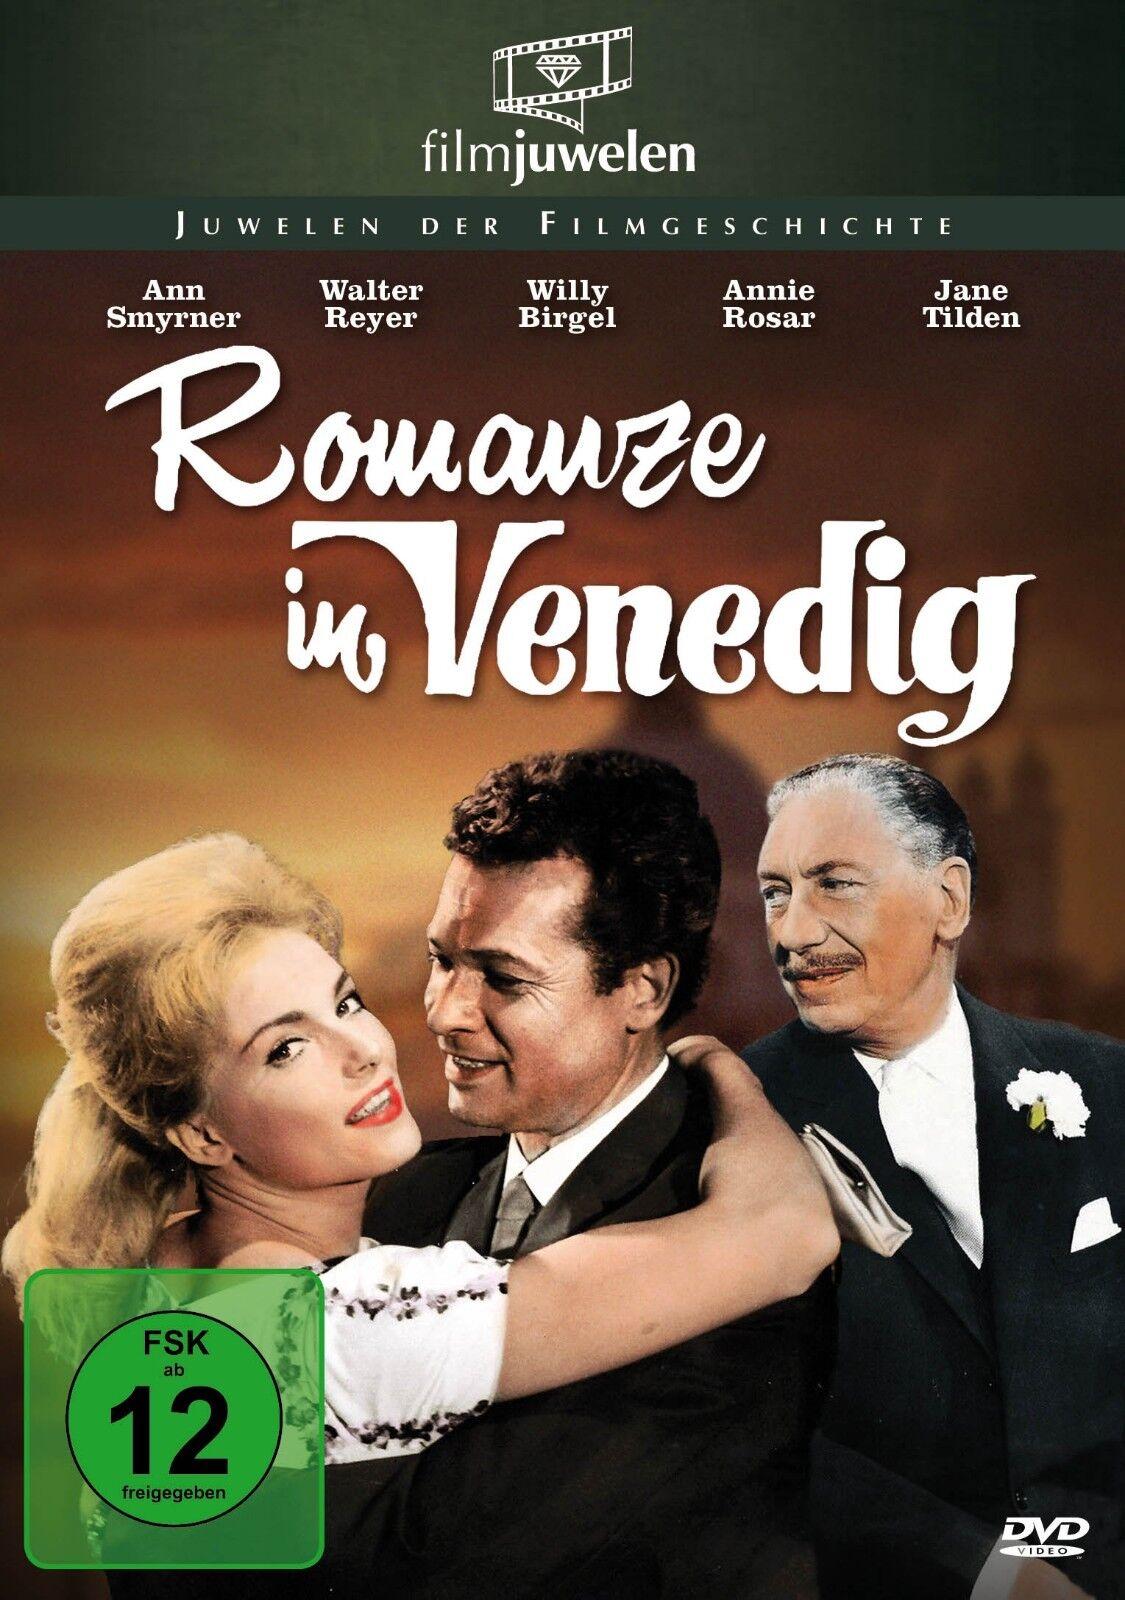 Romanze in Venedig (1962) - mit Ann Smyrner und Willy Birgel - Filmjuwelen [DVD]